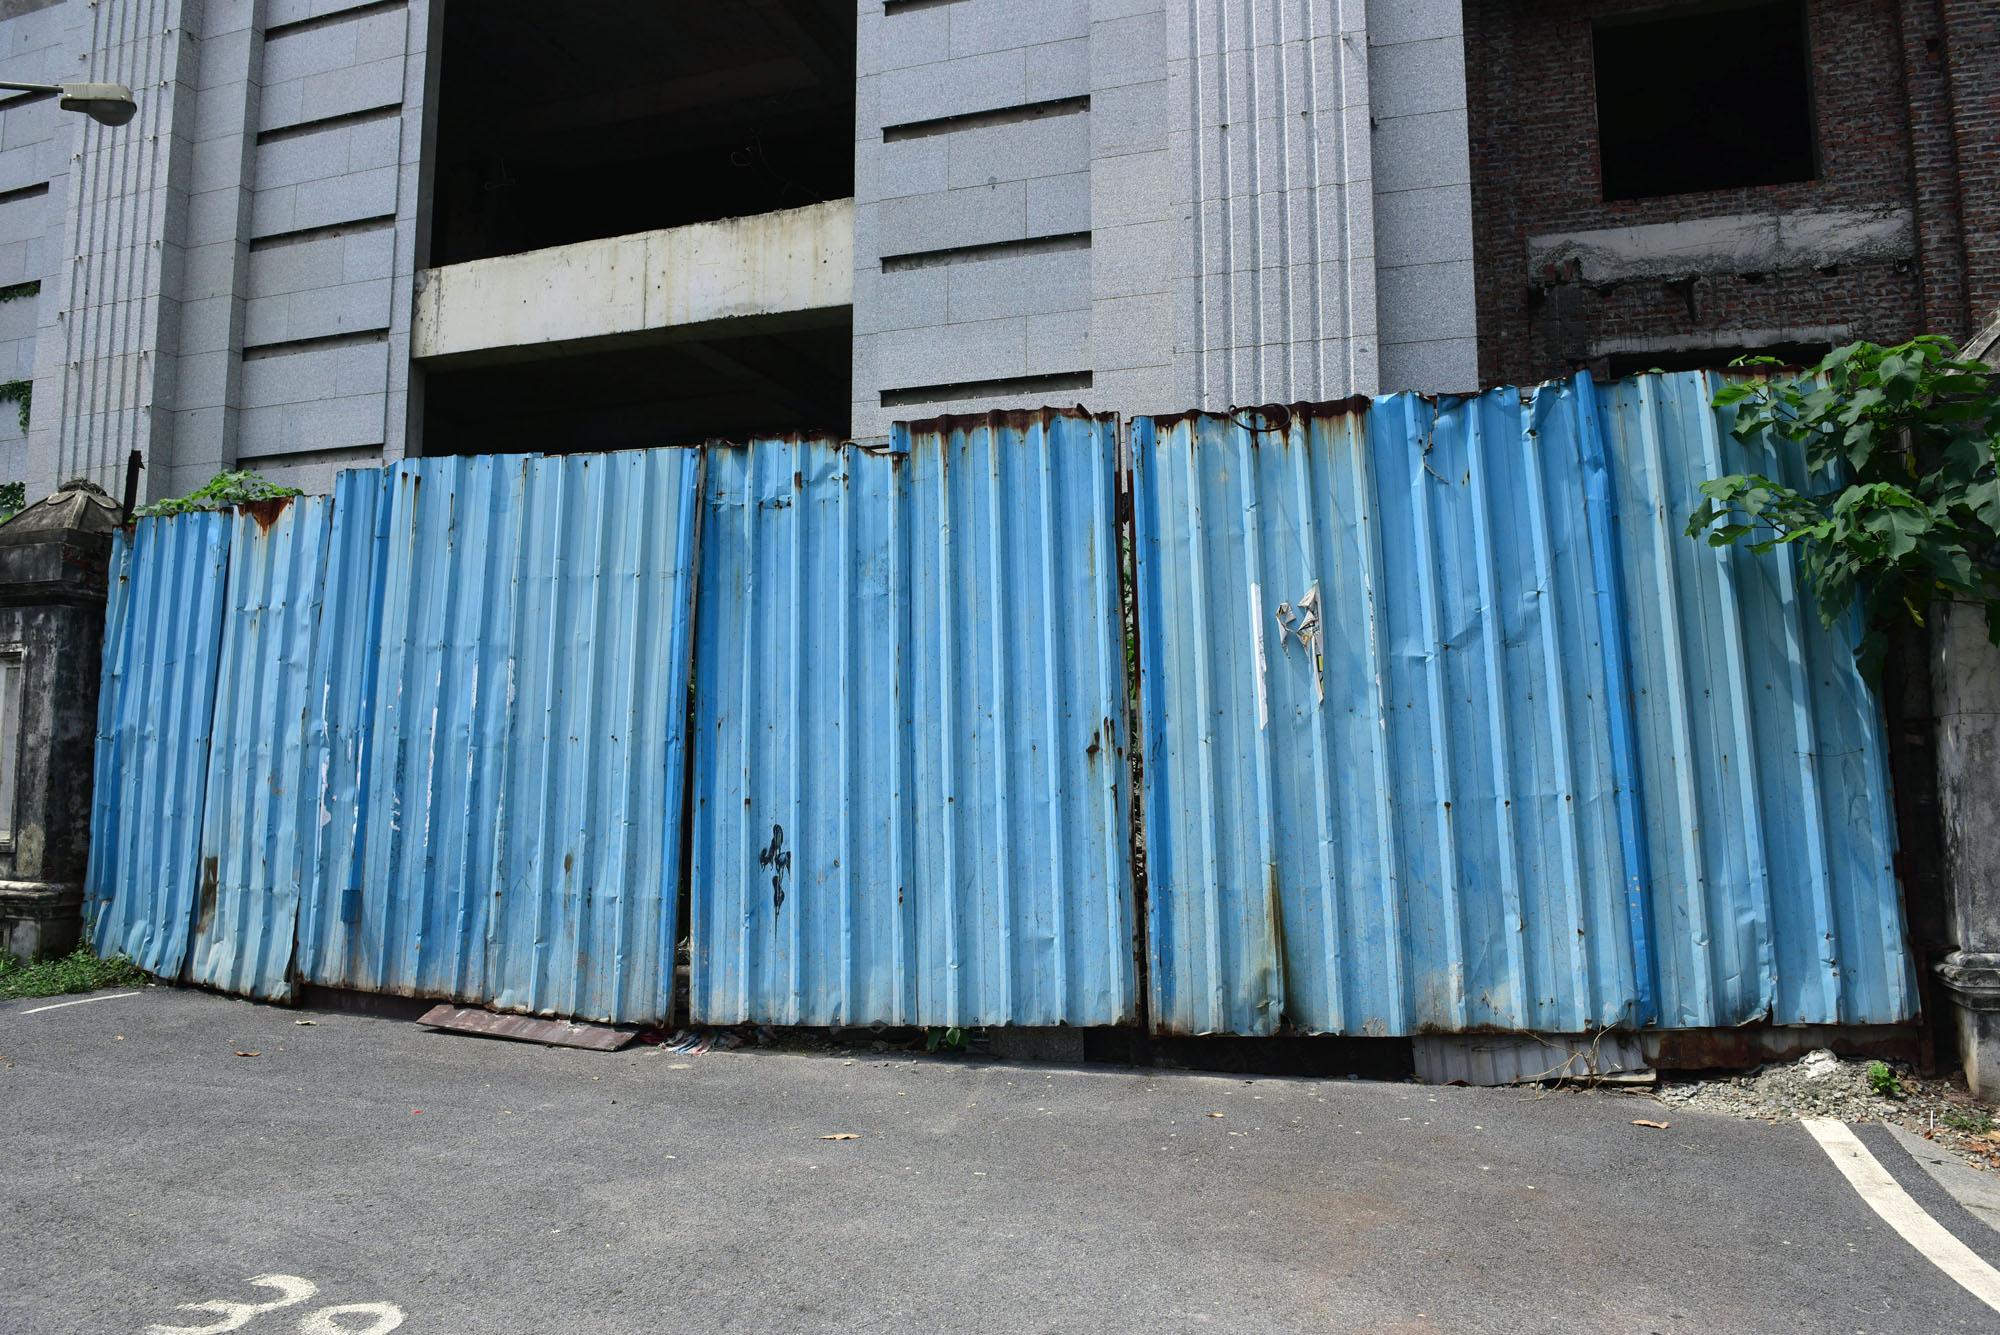 Dự án TTTM Hongkong London trên 'đất vàng' Từ Sơn, Bắc Ninh bỏ hoang nhiều năm - Ảnh 11.